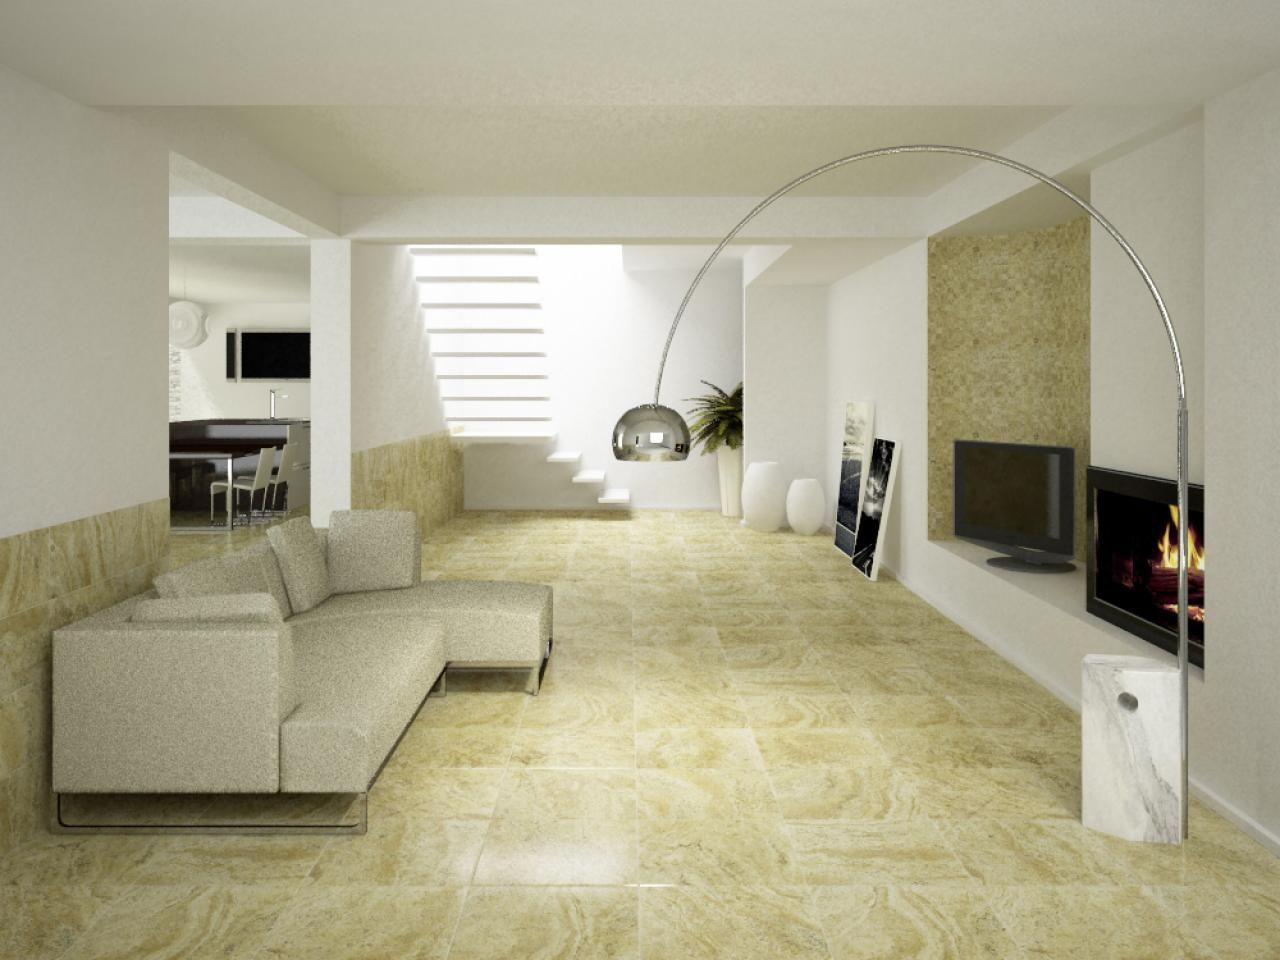 Modern Floor Tiles Design For Living Room Inspiration Tile Floors  Remodeling Ideas Tile Flooring And Hgtv Design Ideas